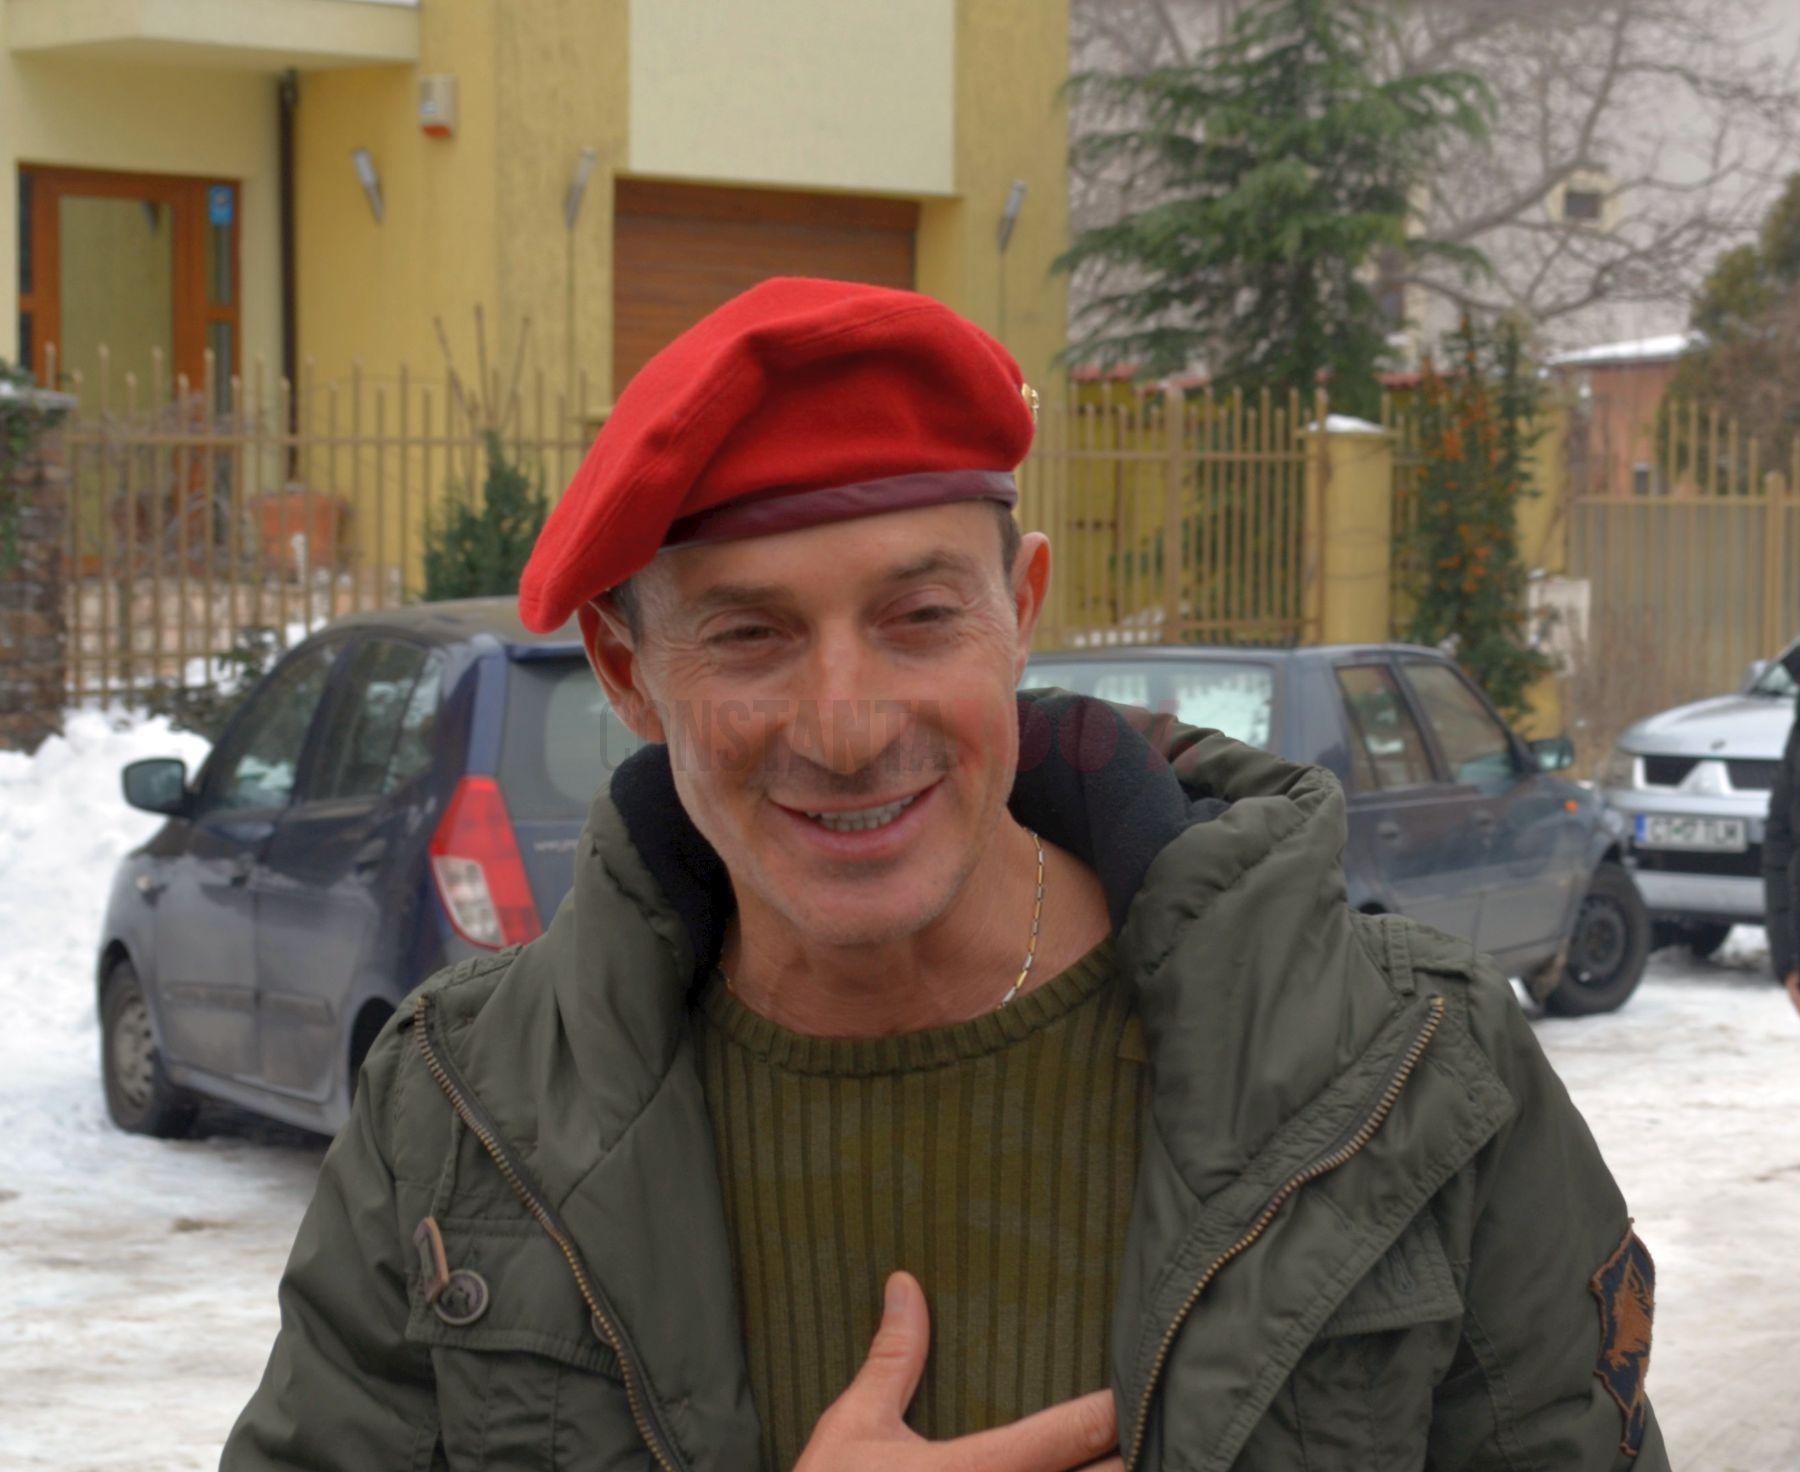 Radu Mazăre, fost primar al municipiului Constanța, a fost achitat, azi, de judecătorii Curţii de Apel Constanța, într-un dosar în care fusese condamnat la 6 ani şi 6 luni de detenţie, în primă instanţă, pentru abuz în serviciu. Sentința de azi este definitivă.